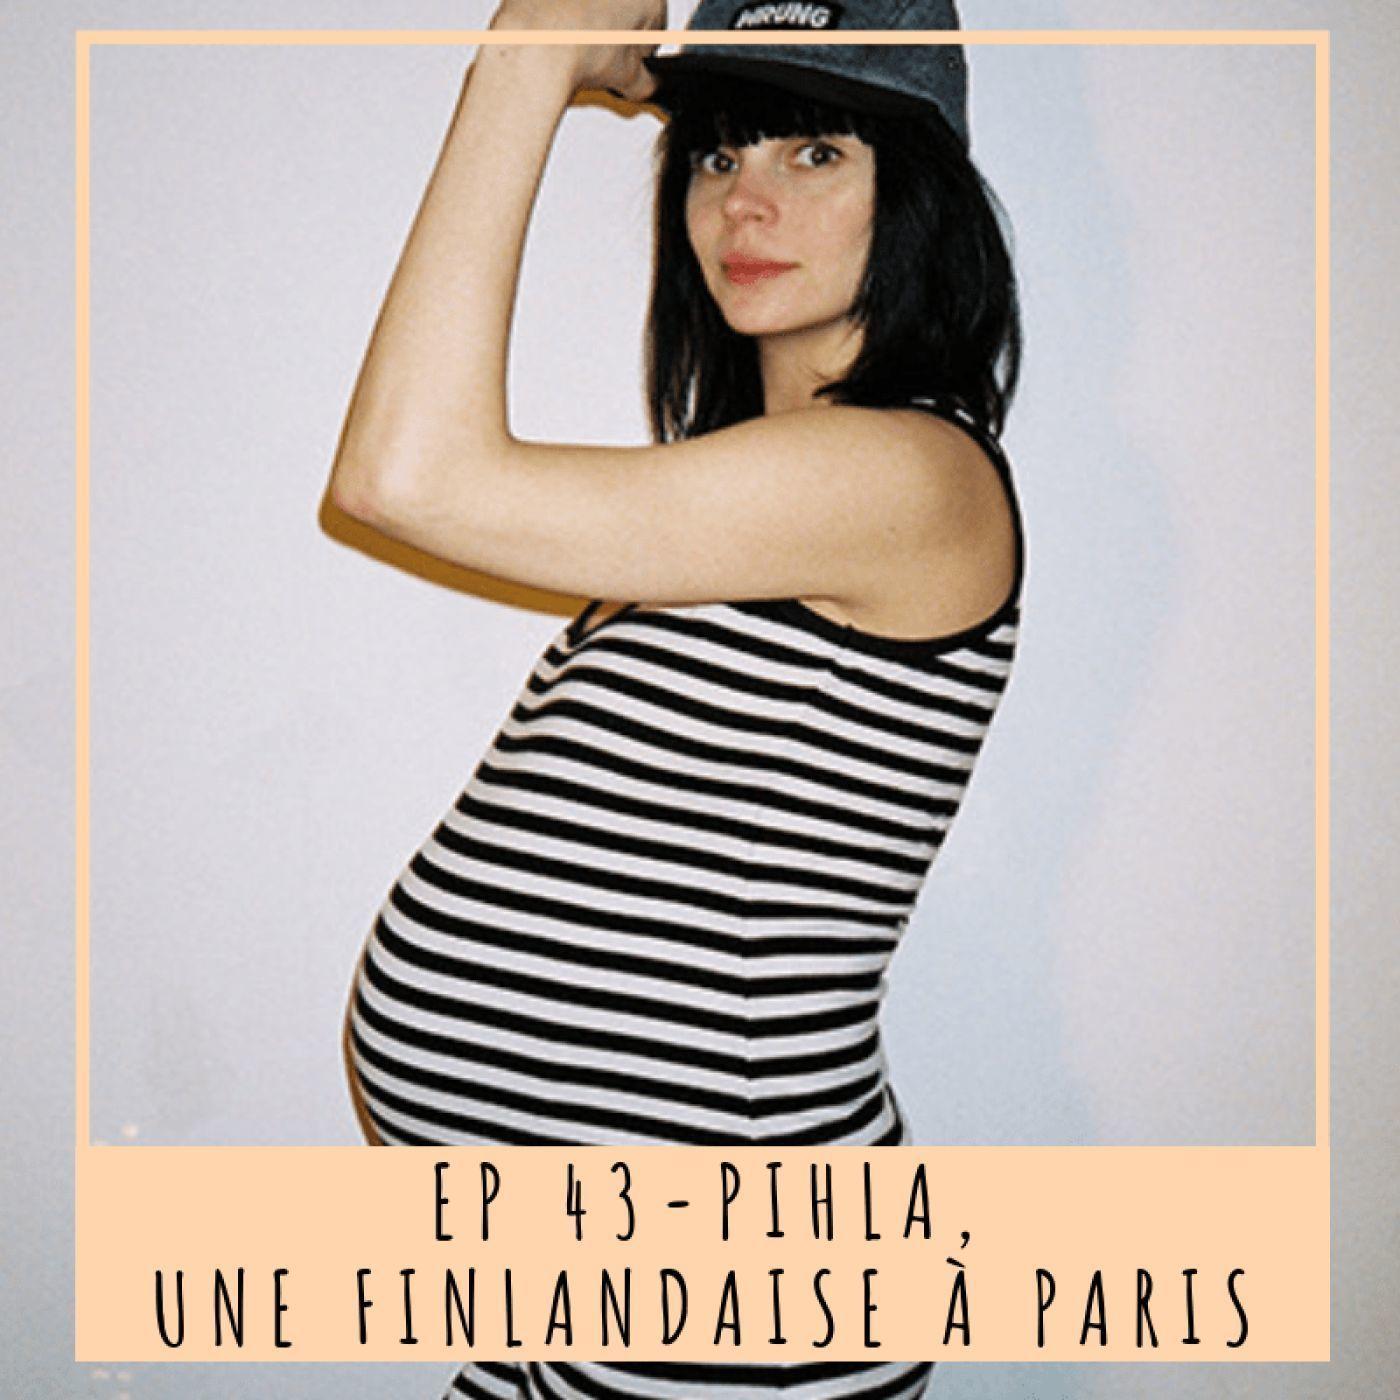 EP 43- PIHLA, UNE FINLANDAISE À PARIS